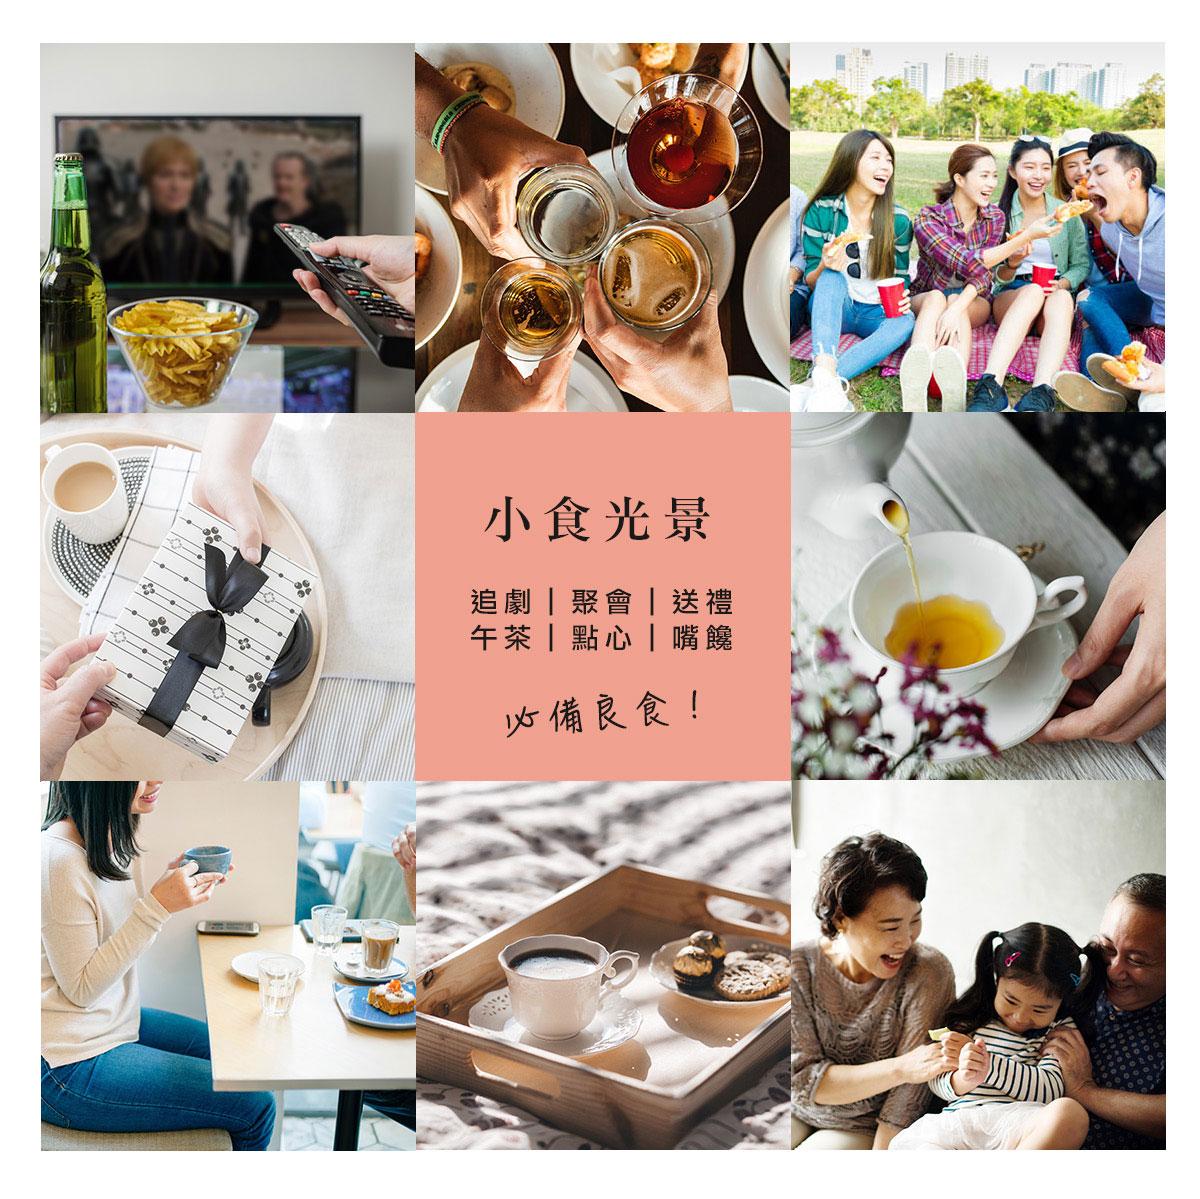 花生糖小食光景 追劇、聚會、送禮、午茶、點心、嘴饞必備良食!